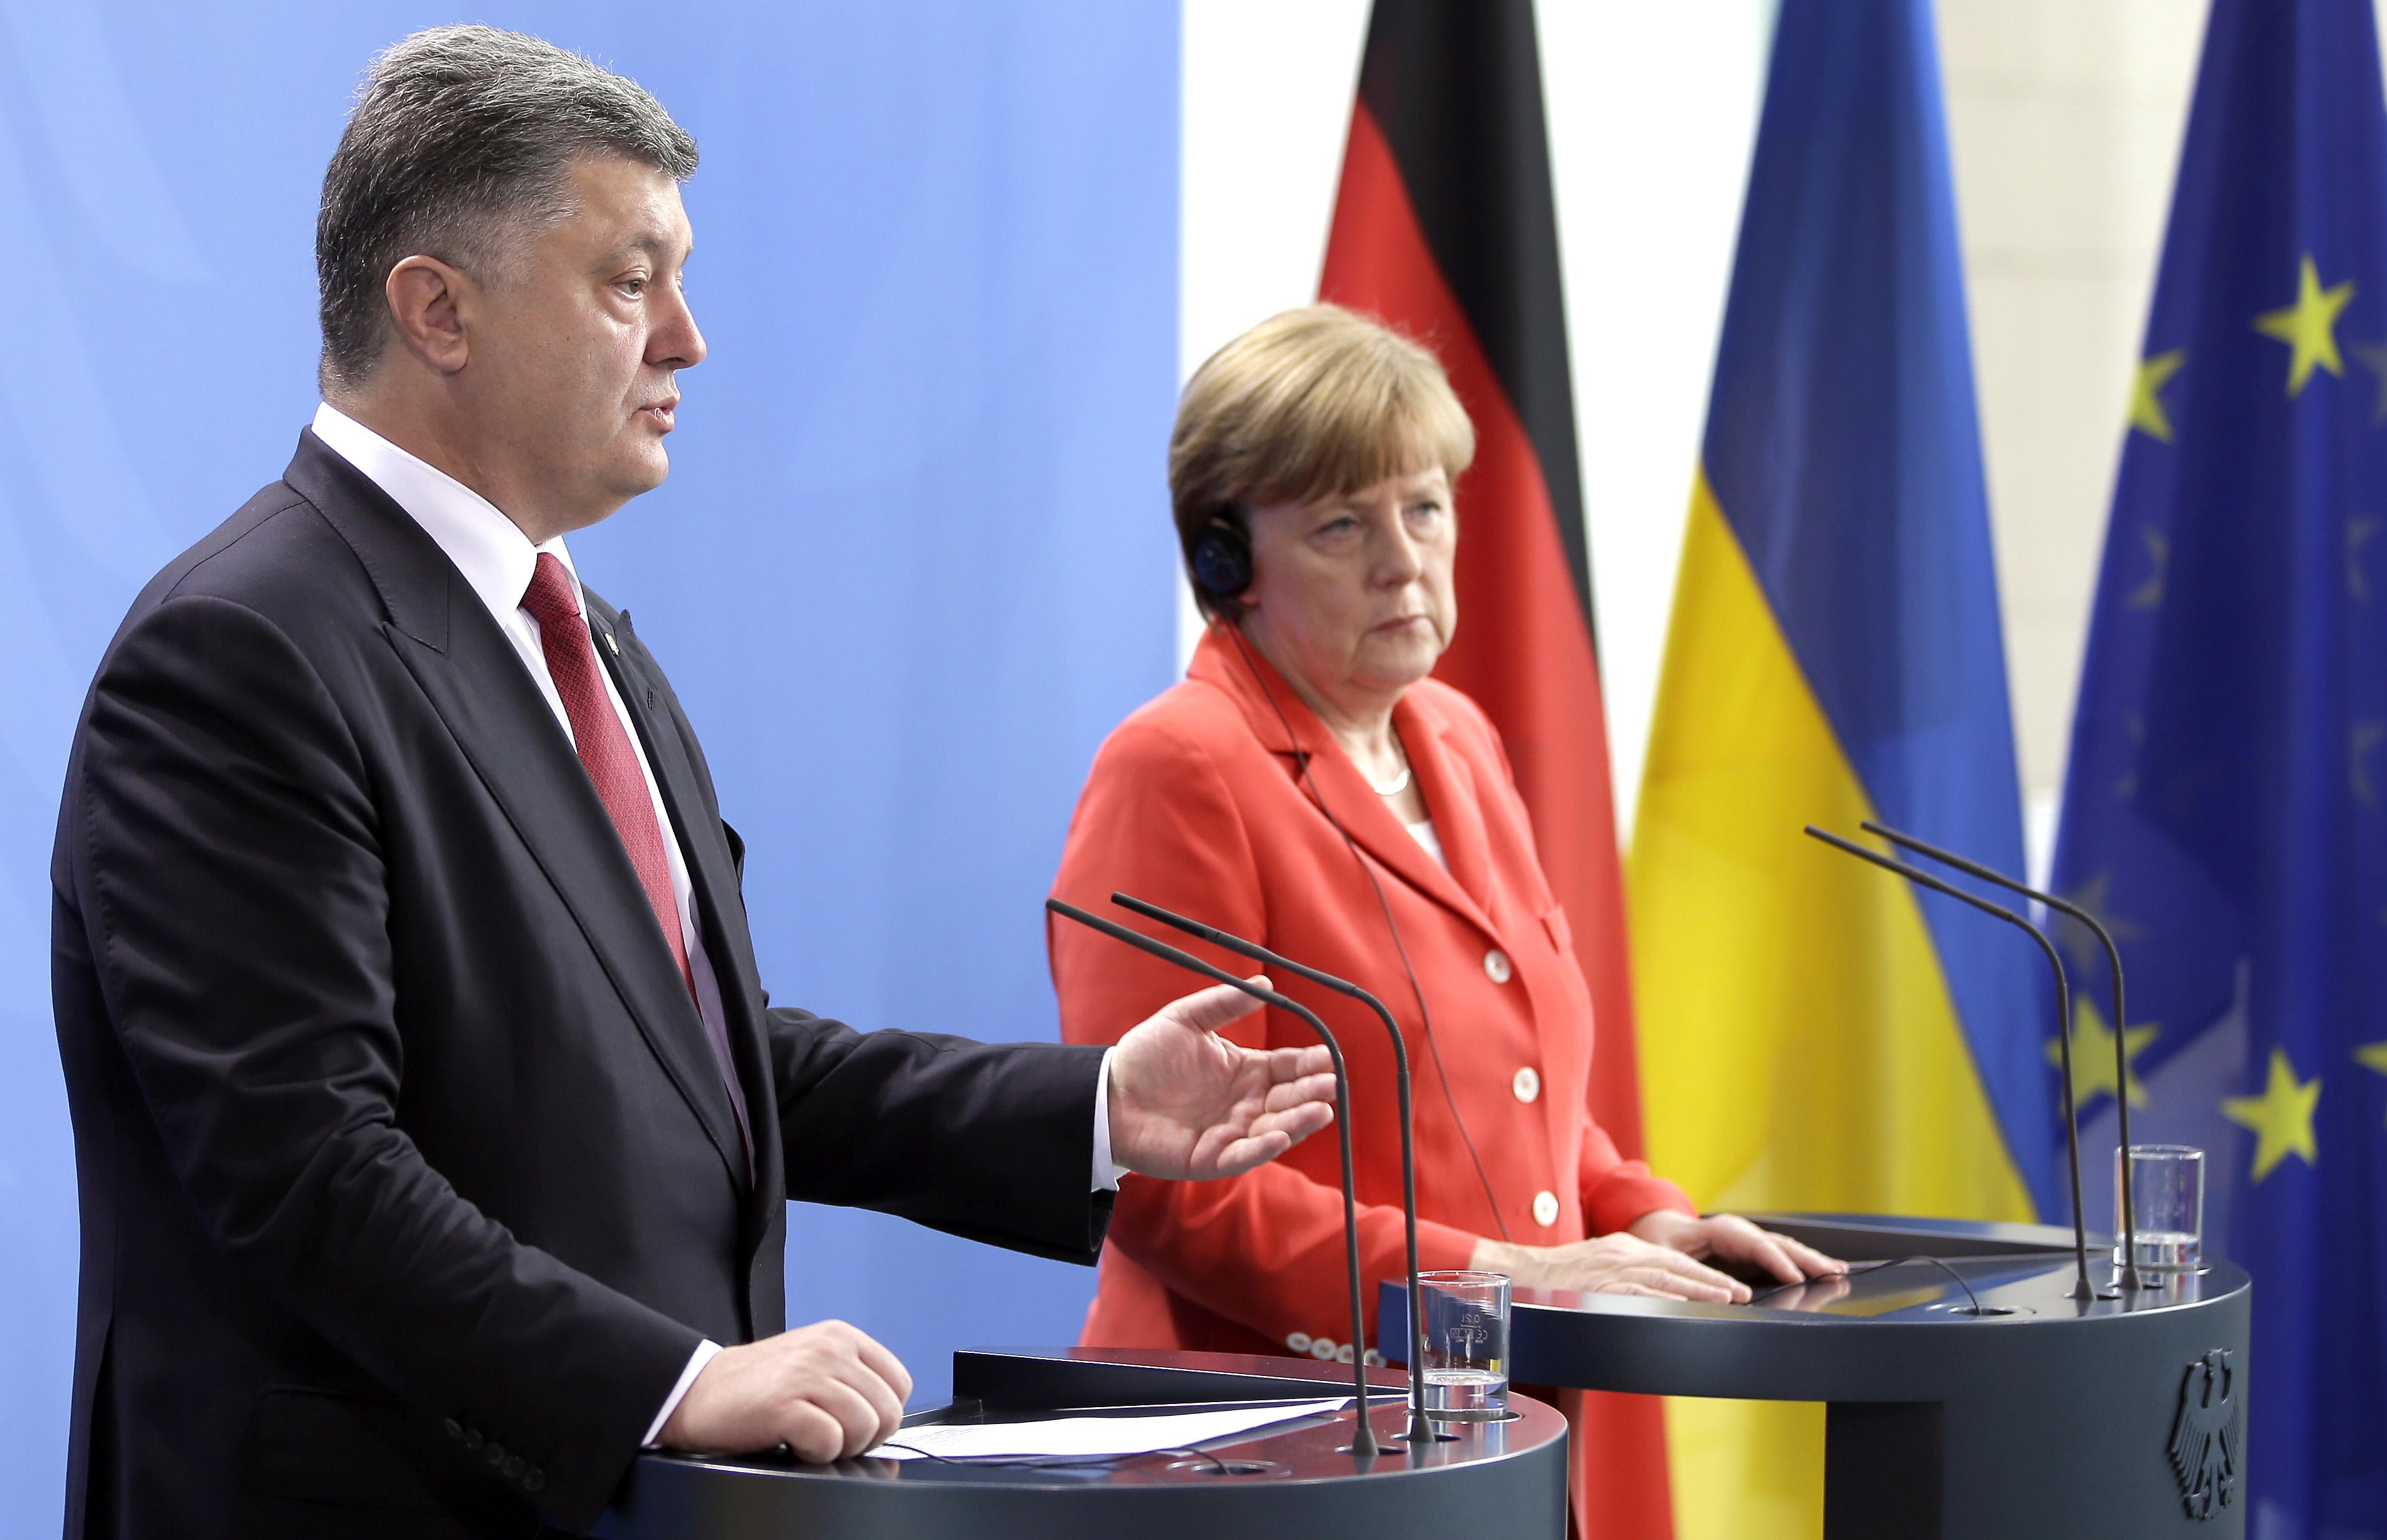 Порошенко в Германии рассказал о событиях в Украине